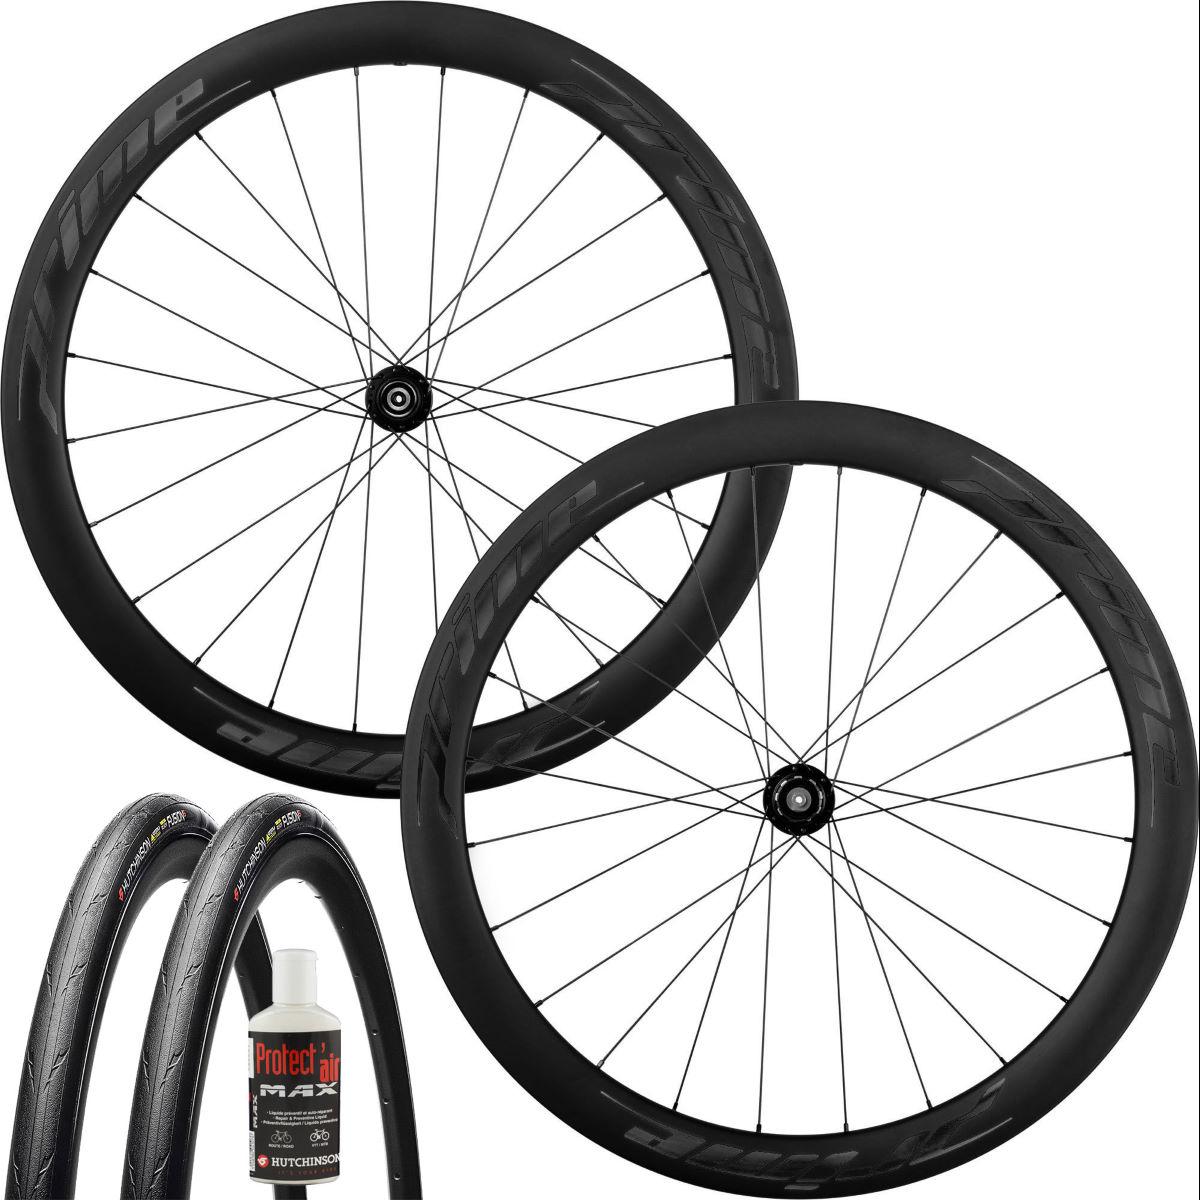 Prime RR 50 V3 Radsatz fürs Rennrad mit TR-Set, Carbon, 50mm, Disc oder Felgenbremse